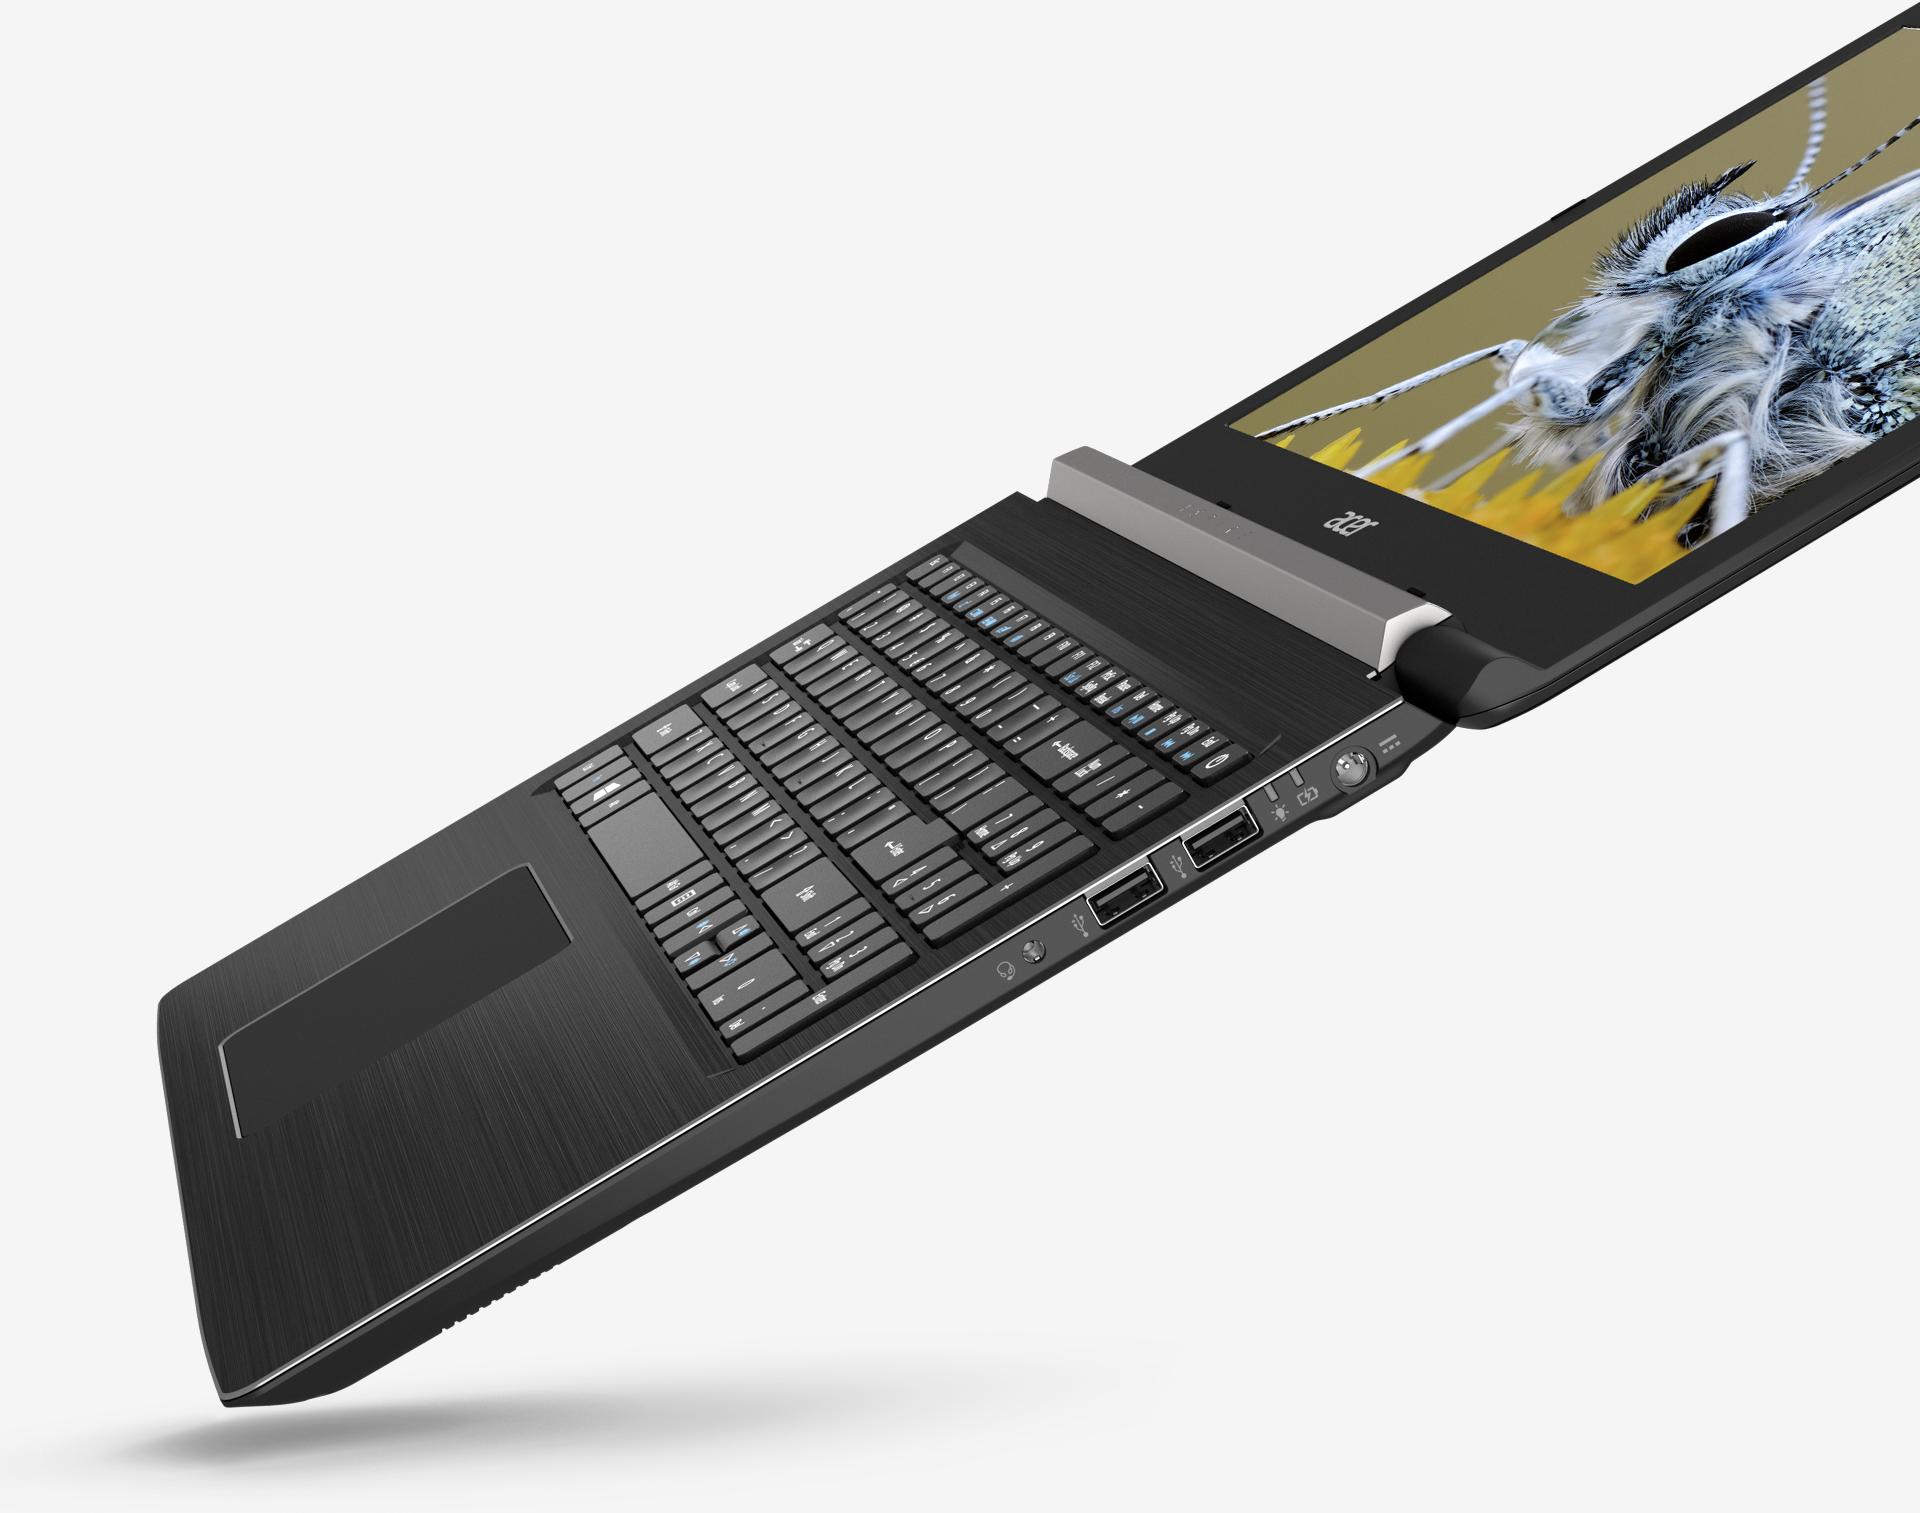 acer aspire a5 i7 7500u notebook acer notebooks. Black Bedroom Furniture Sets. Home Design Ideas